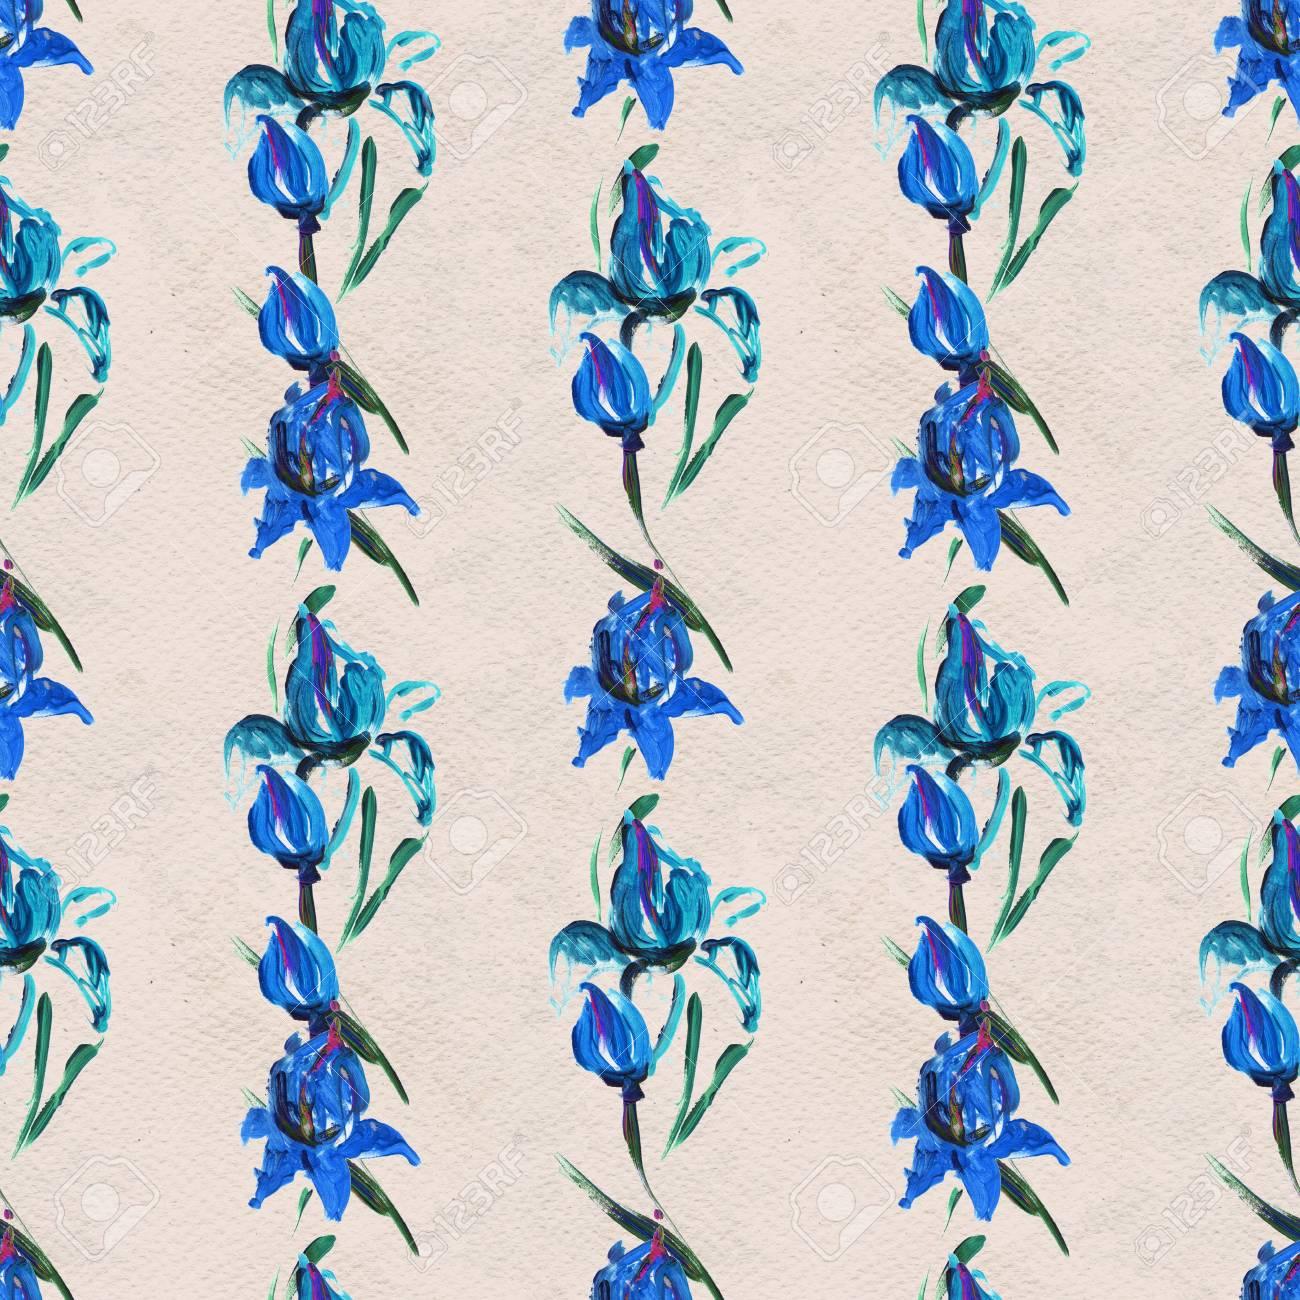 Patron Sin Fisuras Con Flores Azules Fondo Floral De La Acuarela